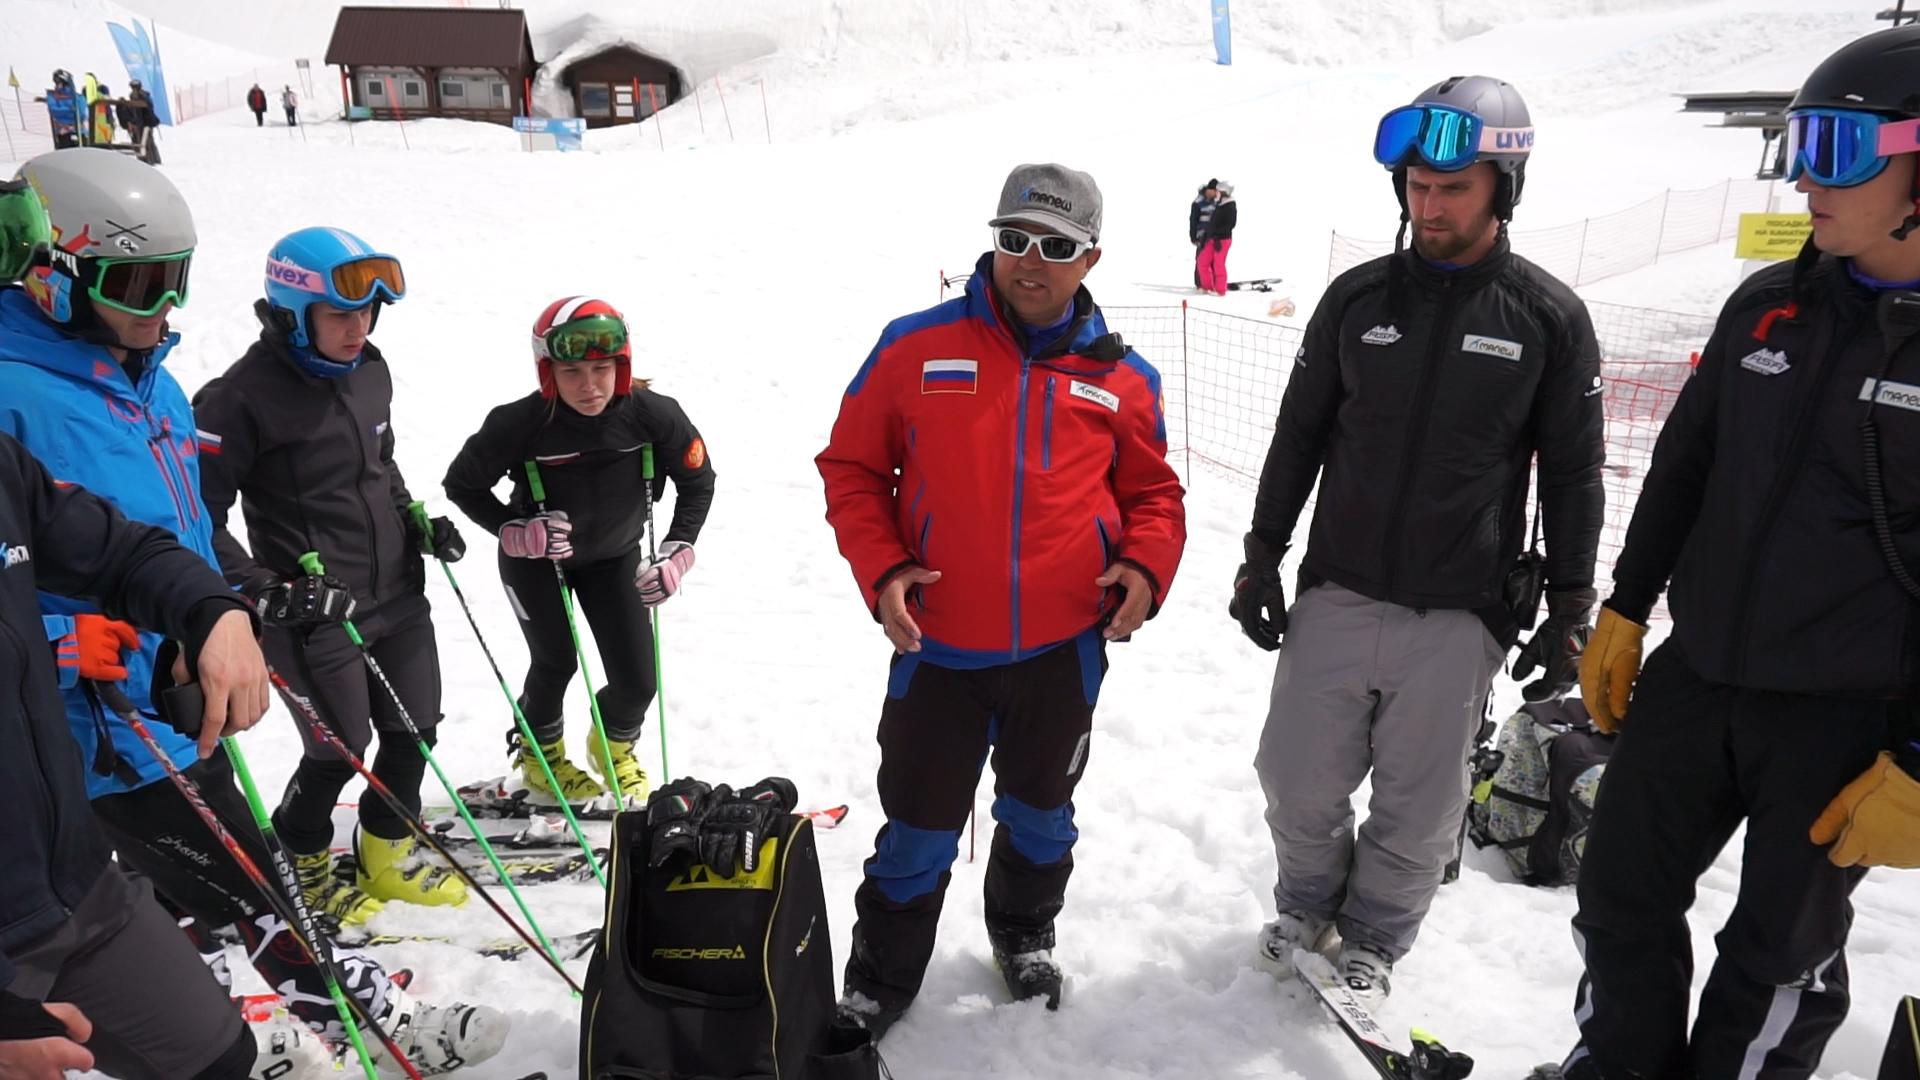 Паралимпийские горнолыжники готовятся кЗимним играм-2022 накурорте «Горки Город»